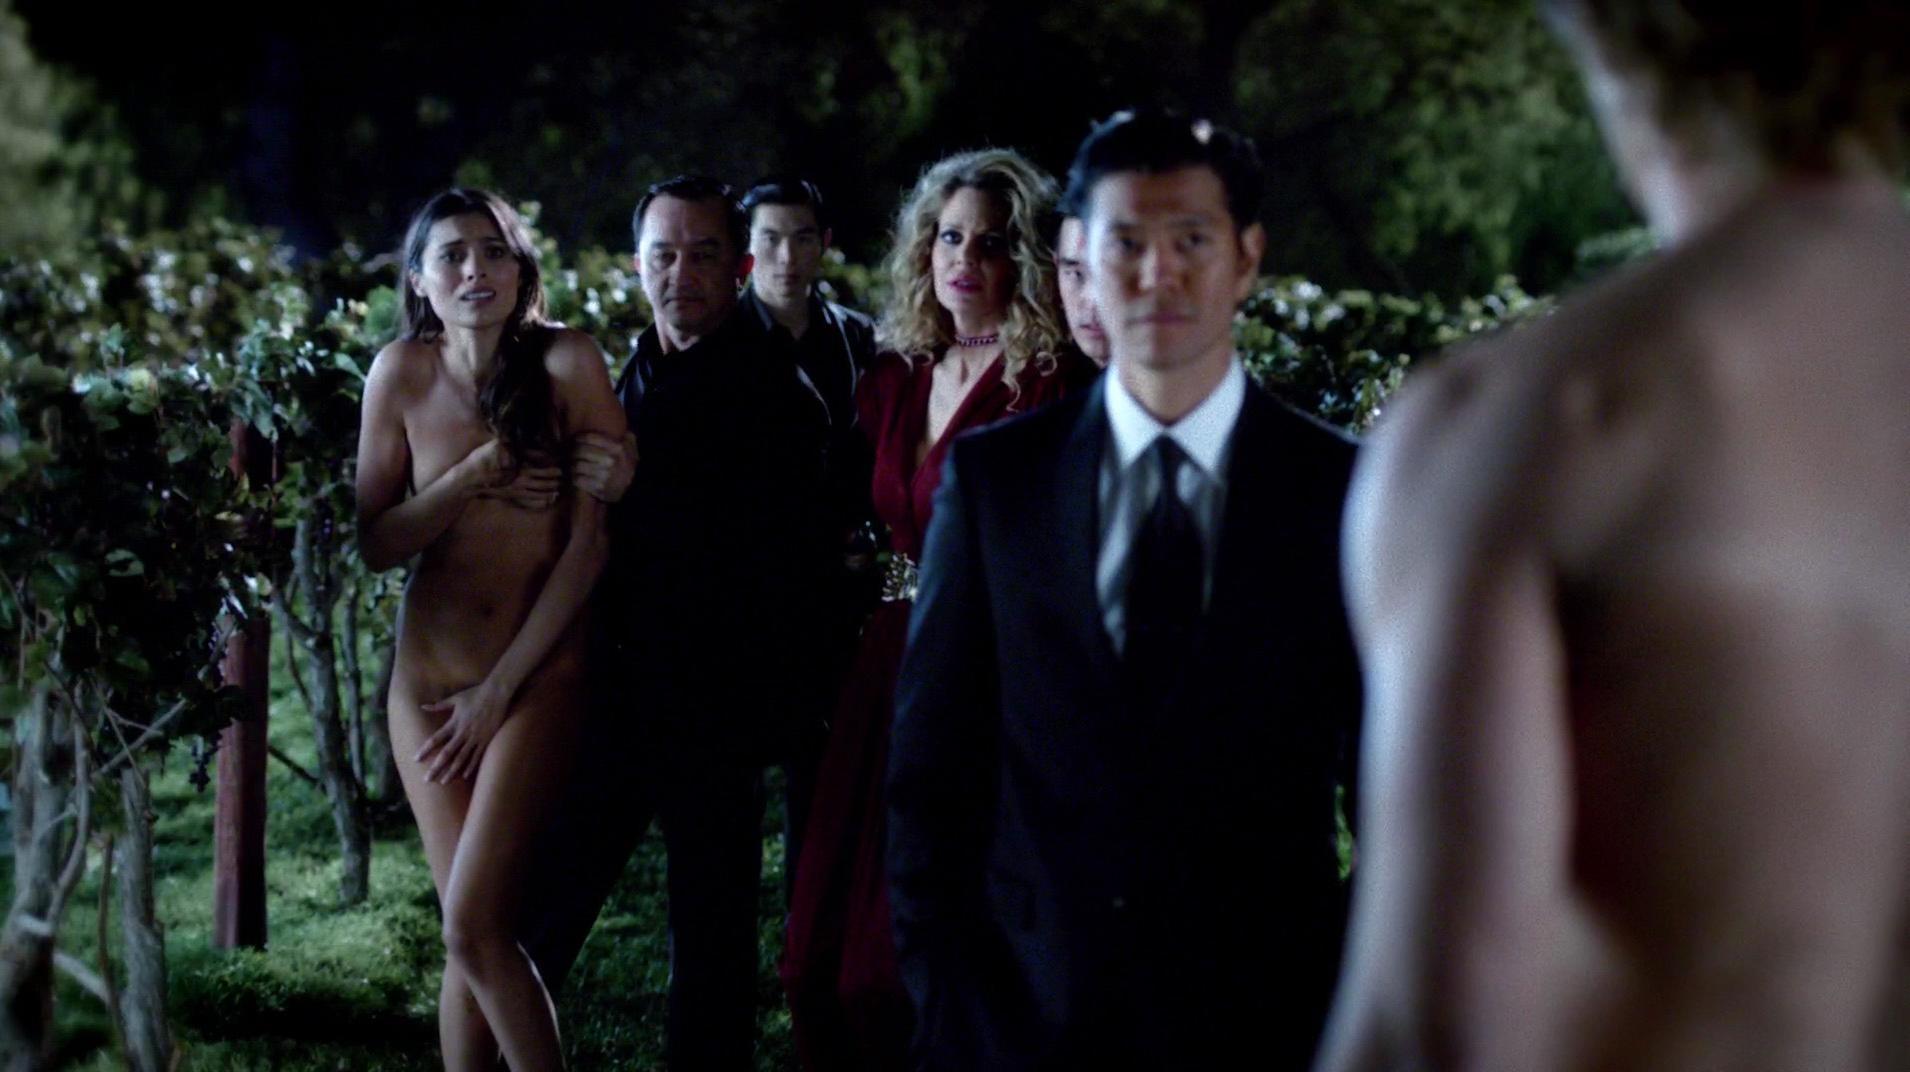 Gabriella Wright nude, Ashley Barron nude - True Blood s07e03 (2014)